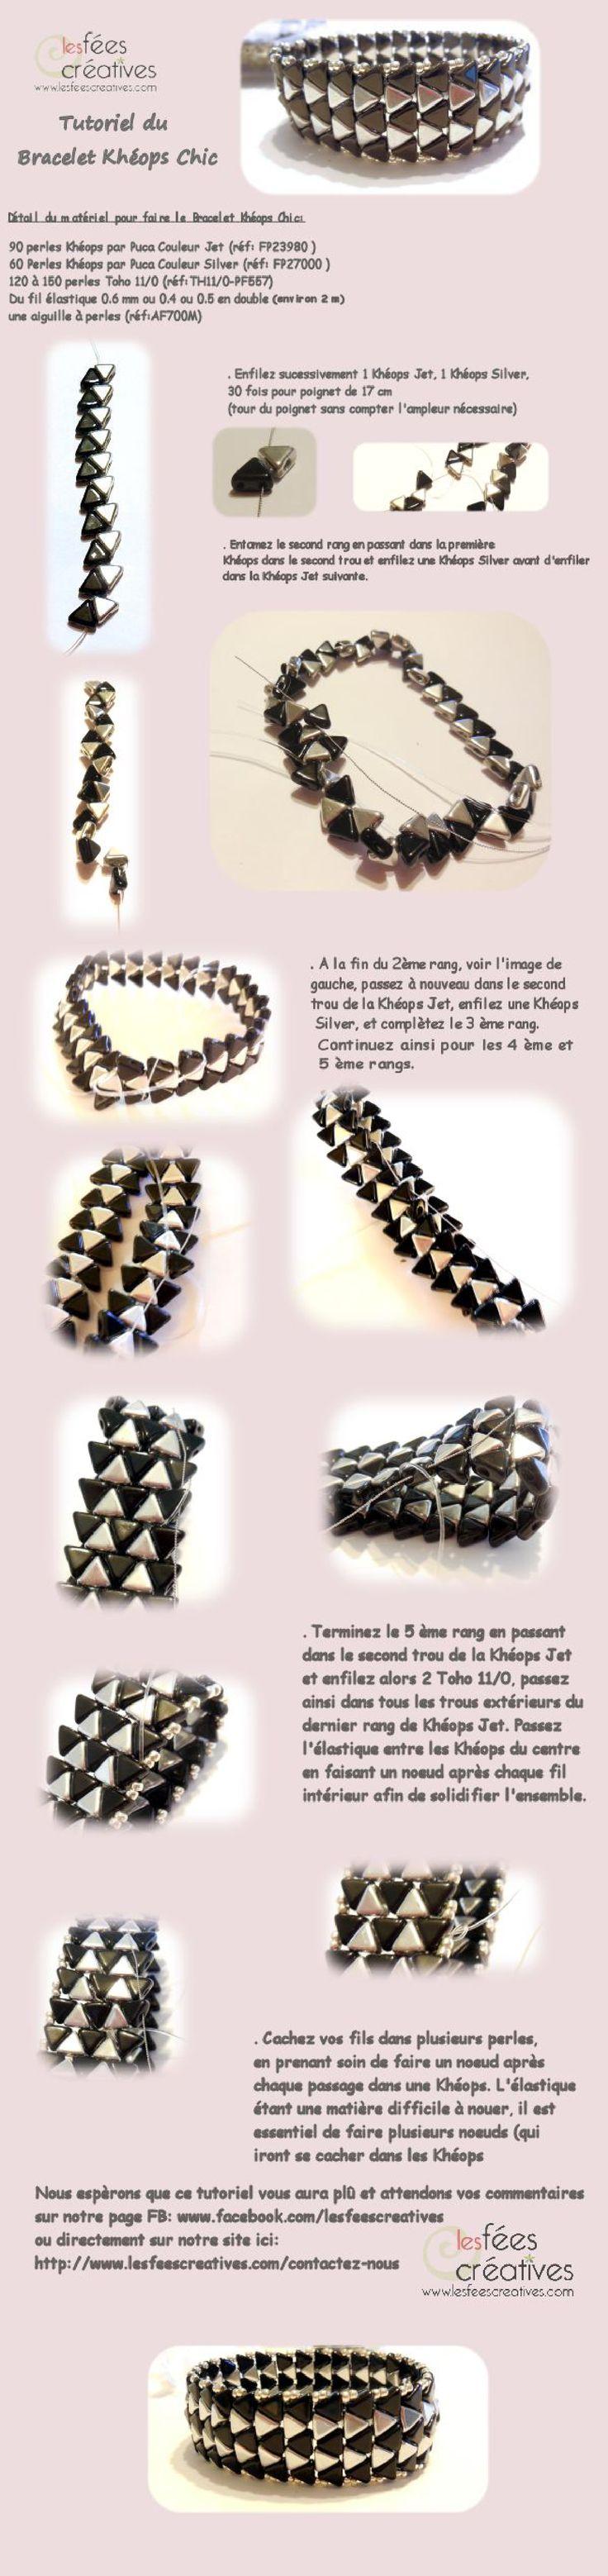 Infographie Tutoriel du Bracelet Khéops Chic version Fées Créatives